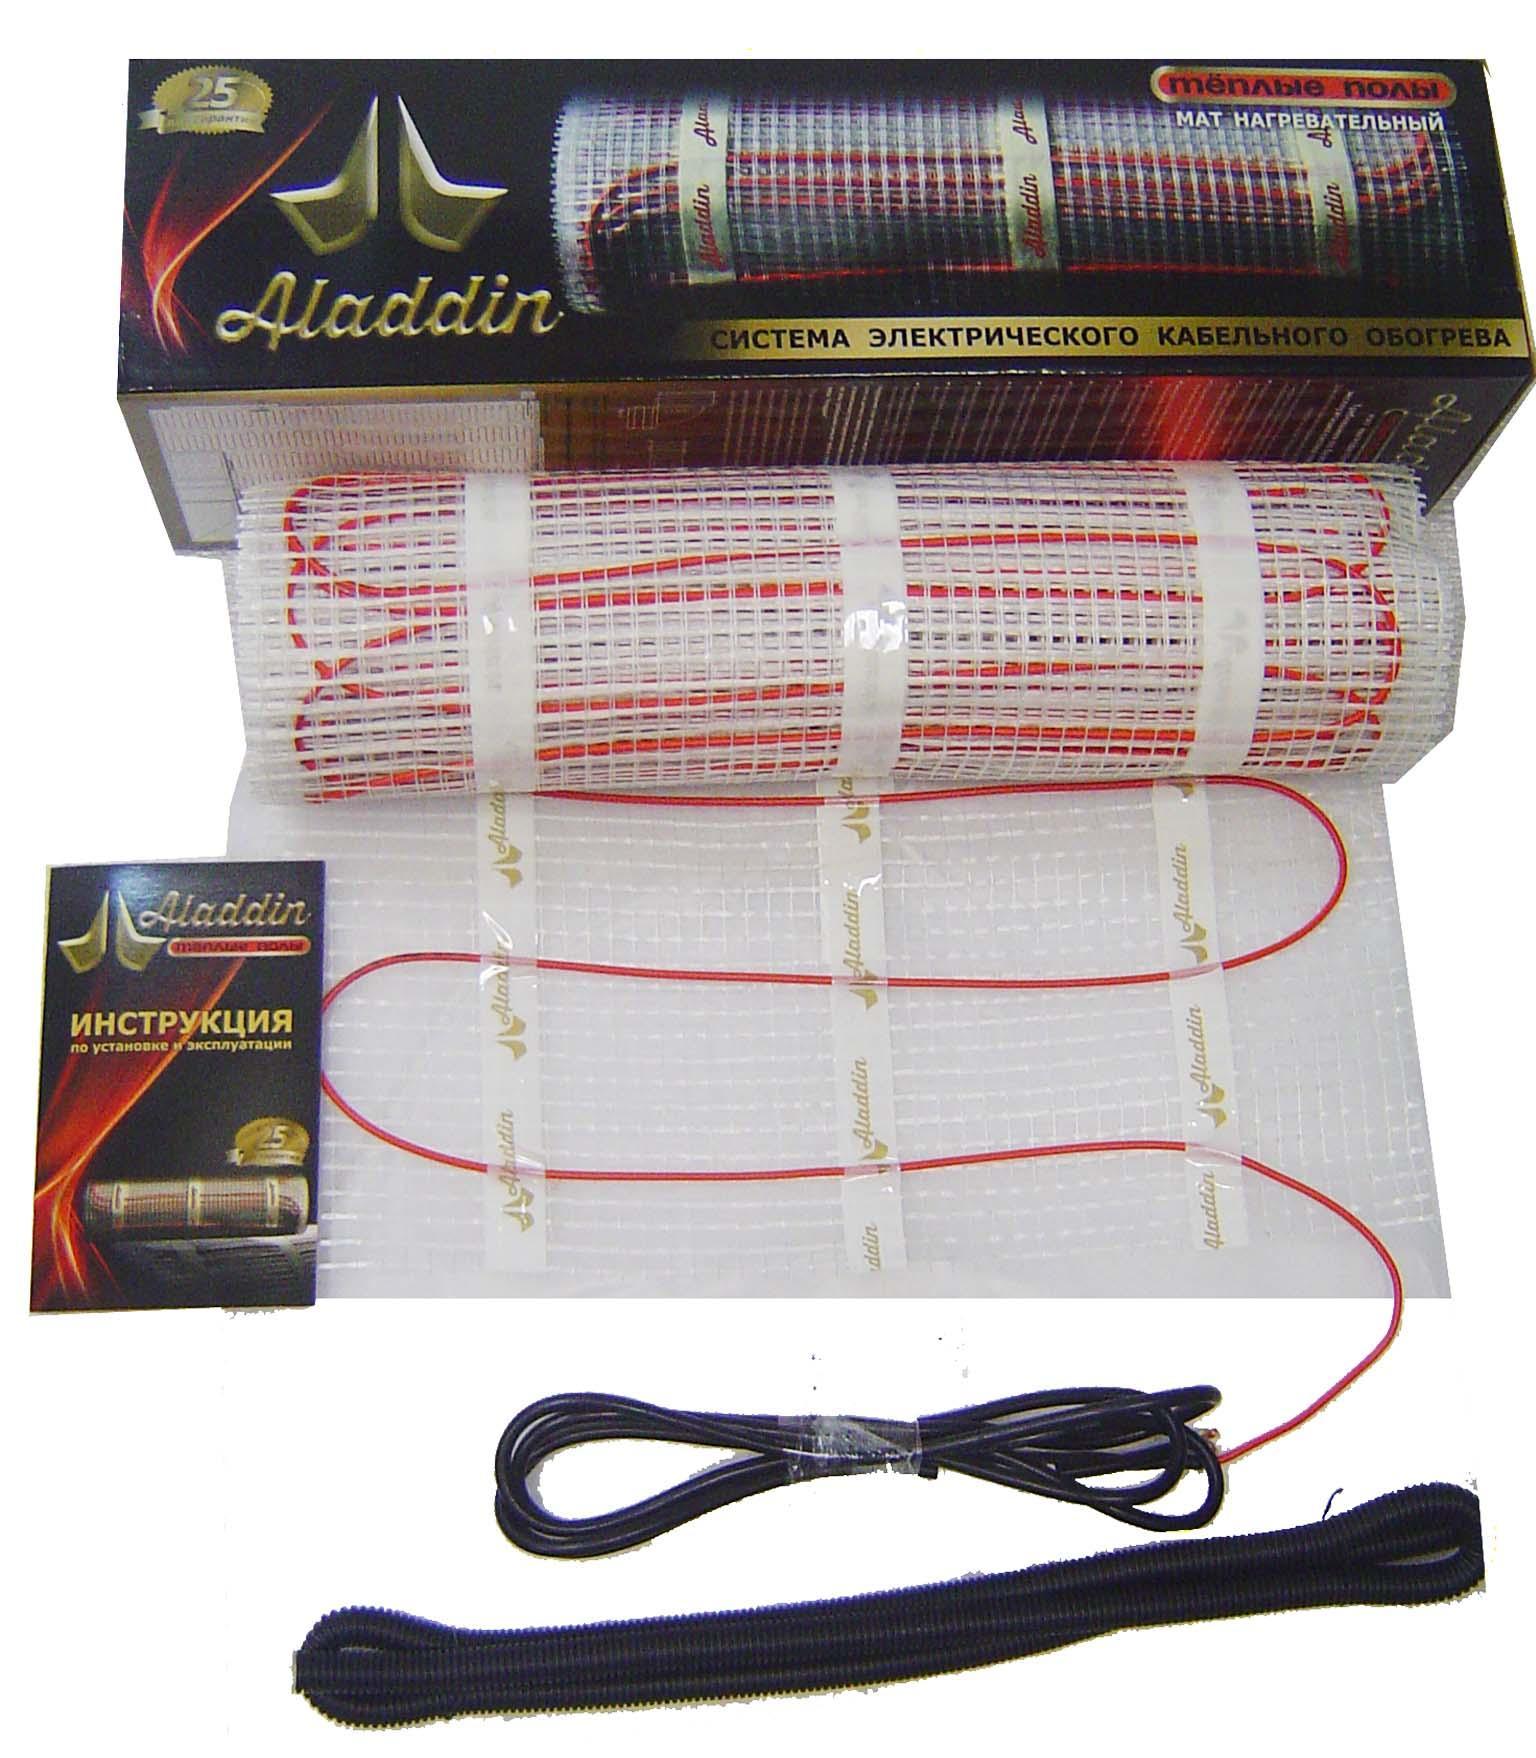 Нагревательный кабель ALADDIN HMT-12,0-1800 Ватт